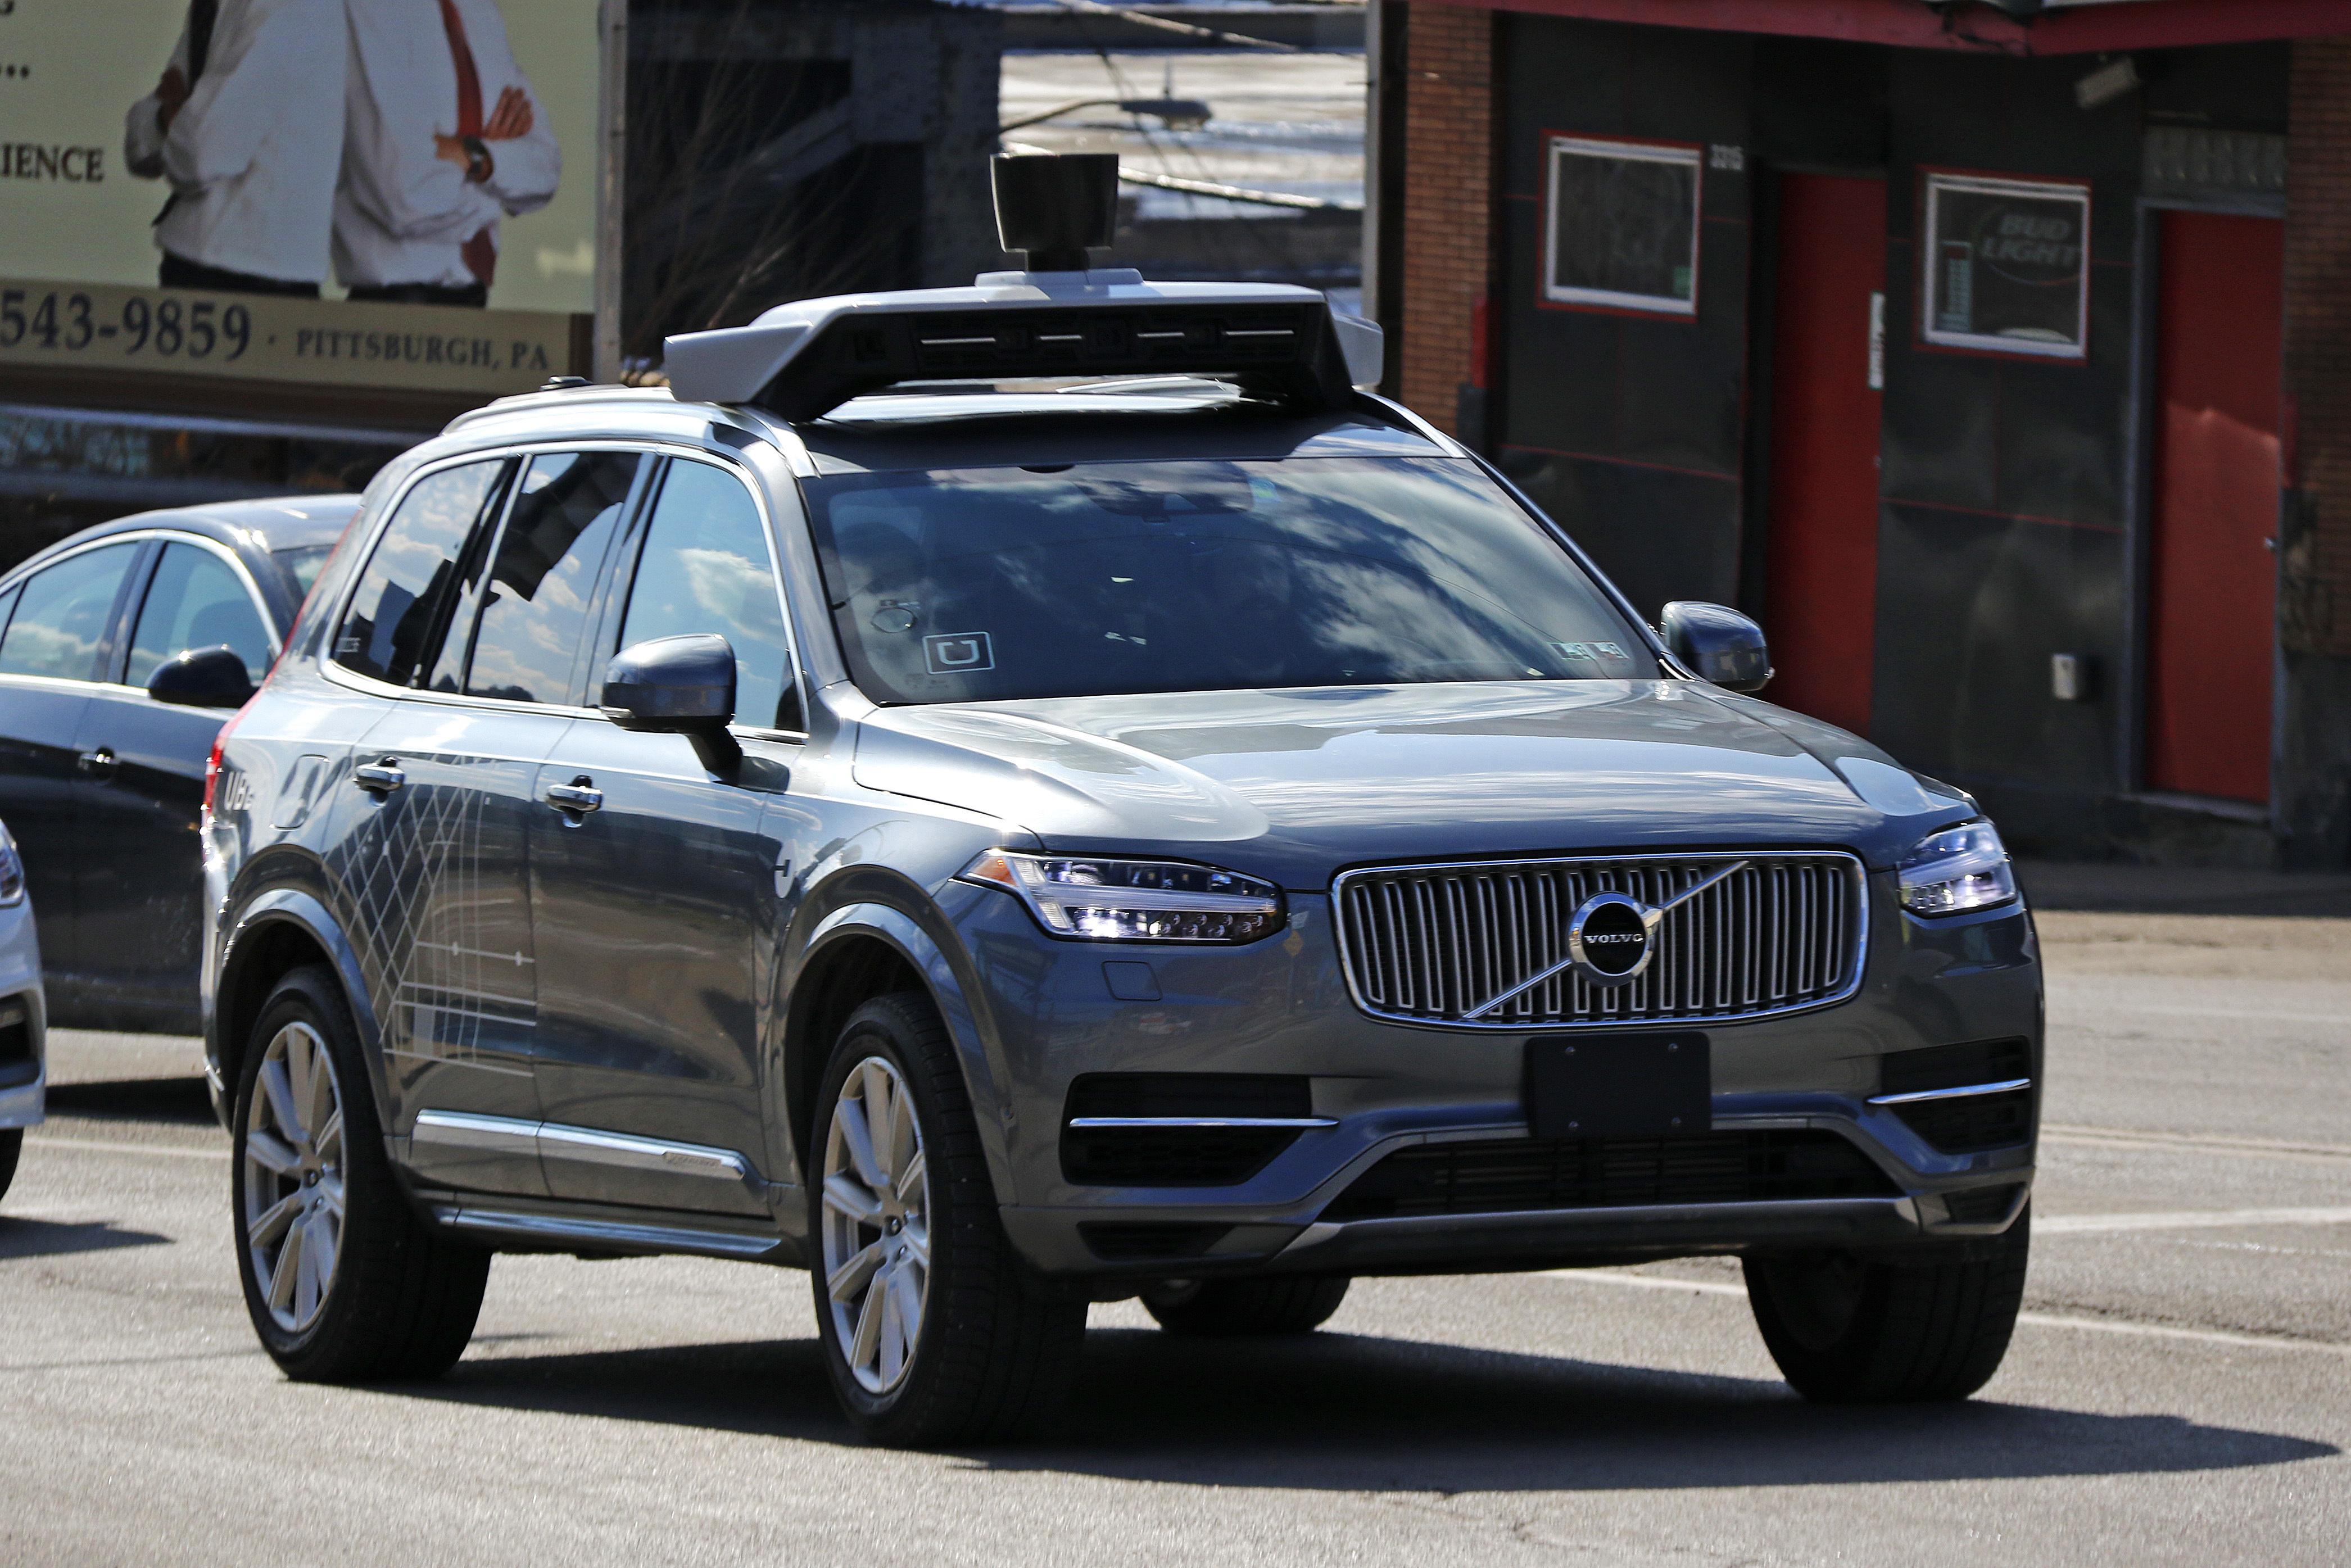 Nine months after deadly crash, Uber is testing self-driving